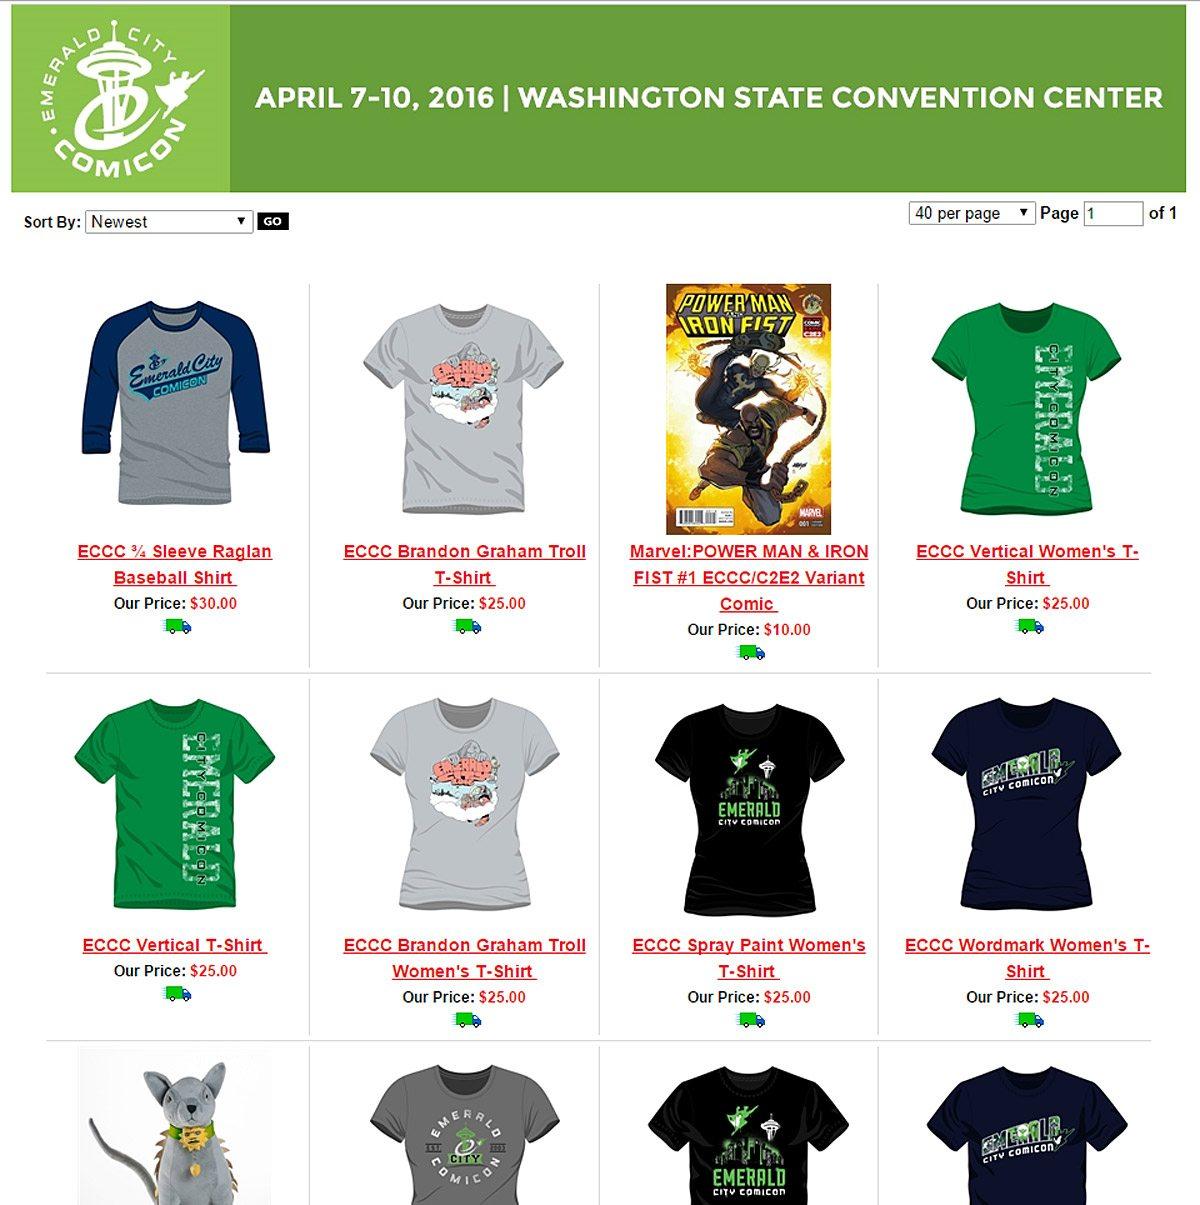 ECCC2016 - Exclusive merchandise